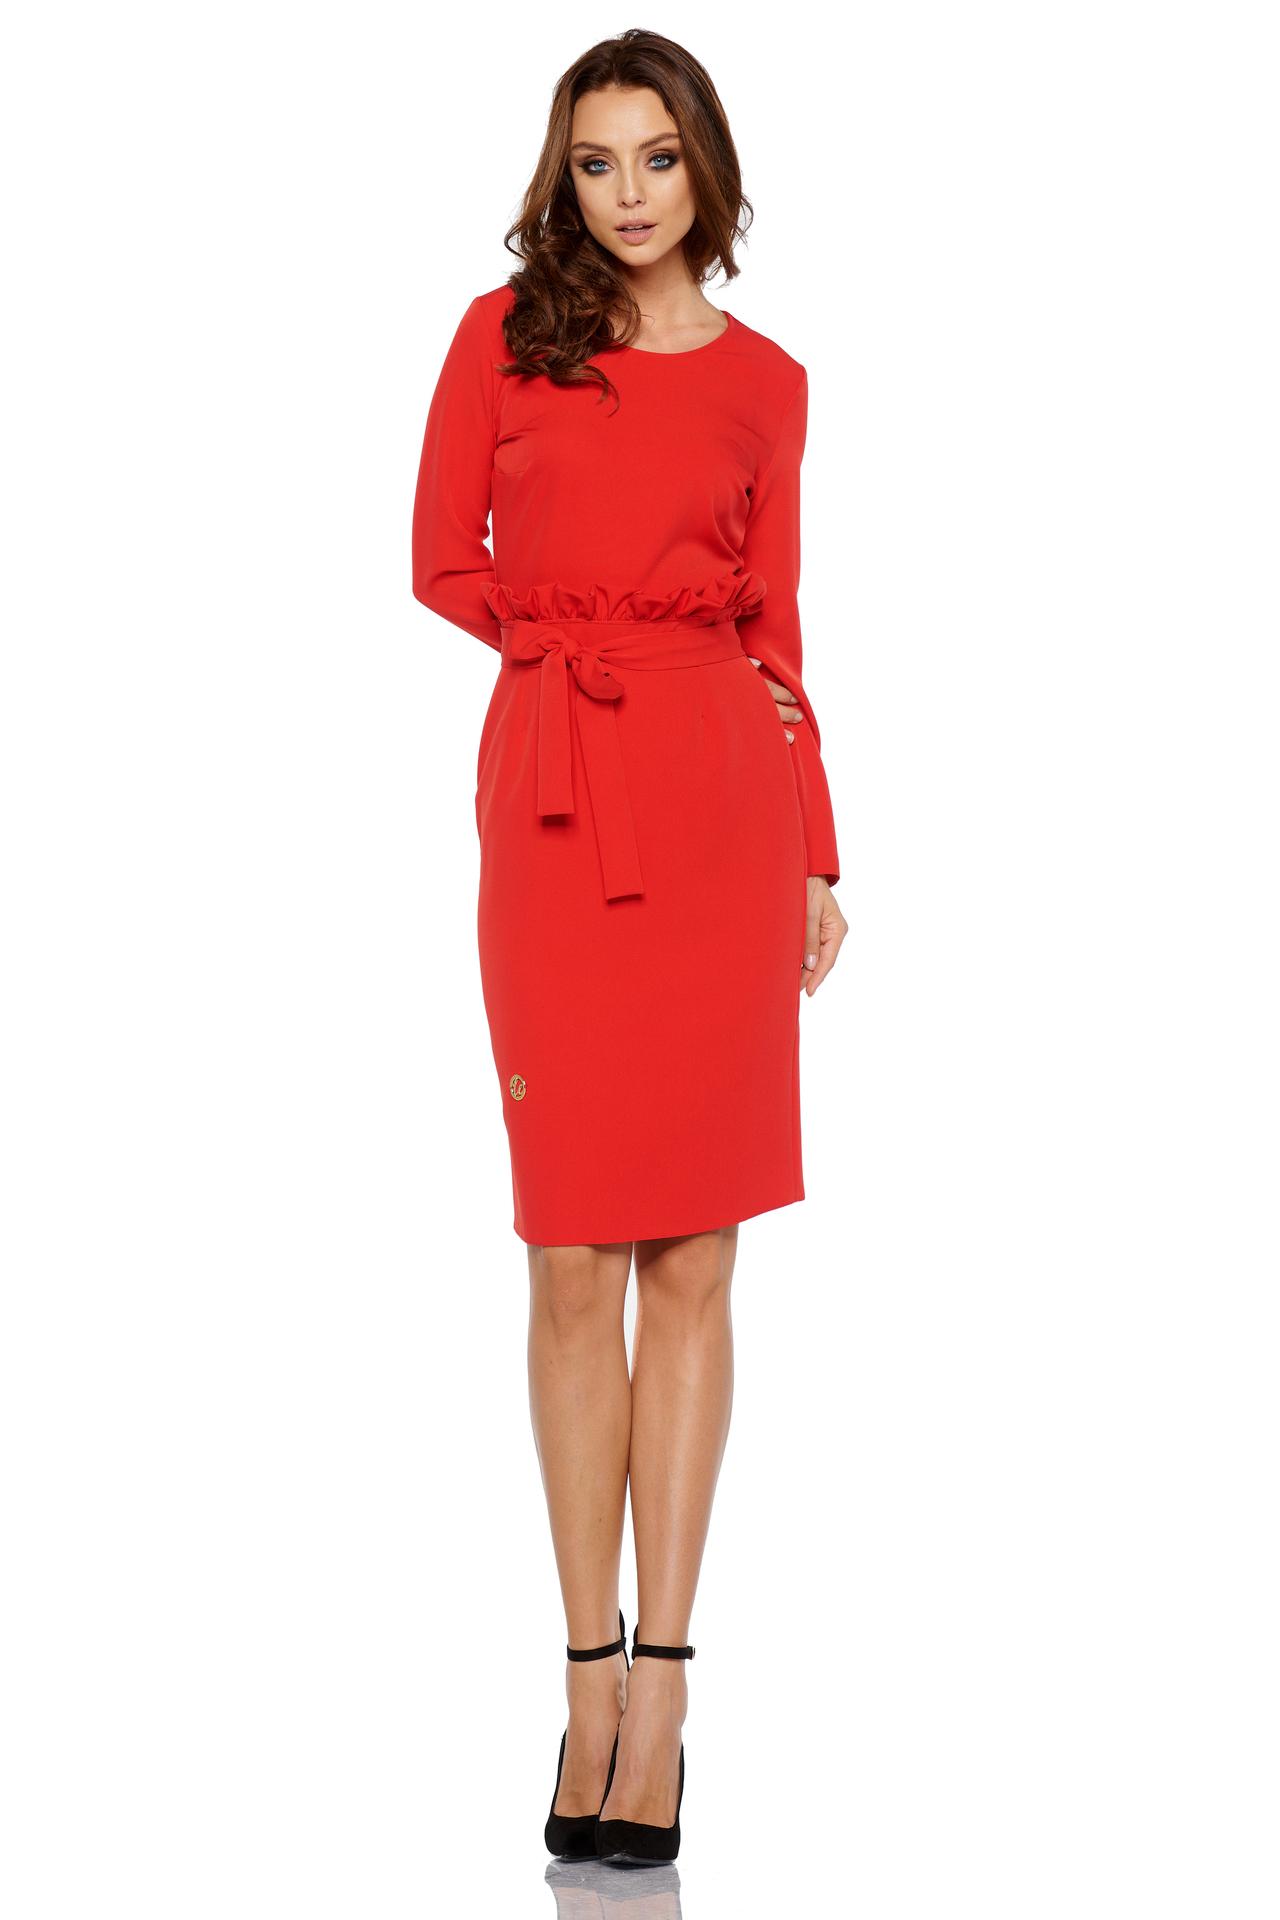 e35219677ae5 Lemoniade - Červené elegantné biznis šaty s opaskom